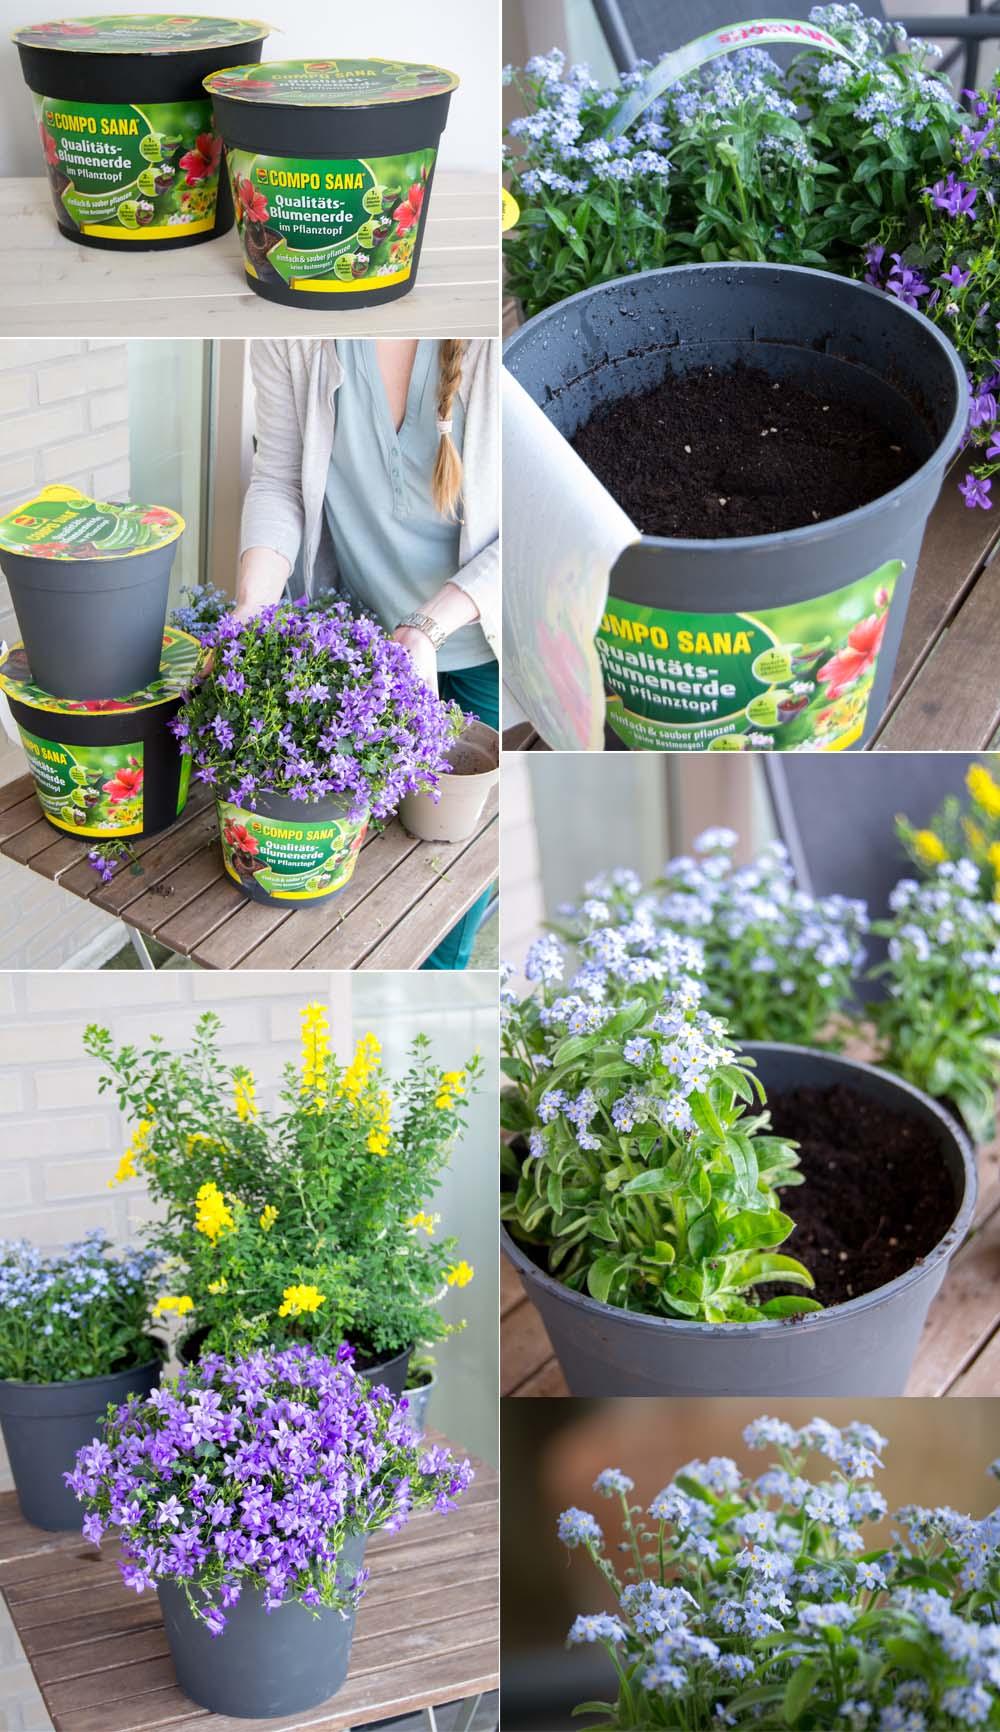 Blumen Pflanzen Compo Sana